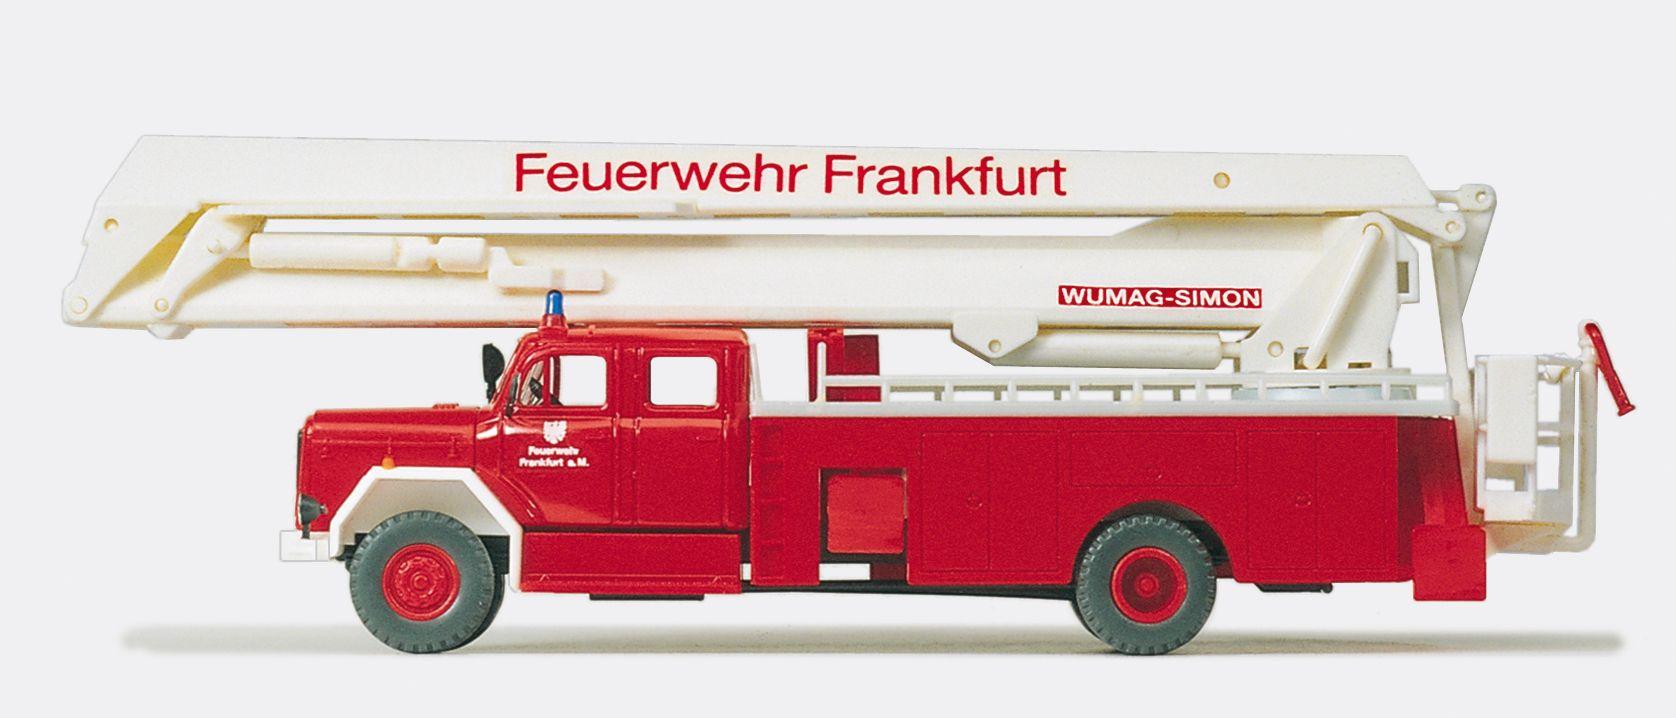 1:87 Feuerwehr Gelenkbühne Magirus F200 D 16, Wumag-Simon Bausatz - Preiser 31292    günstig bestellen bei Modelleisenbahn Center  MCS Vertriebs GmbH